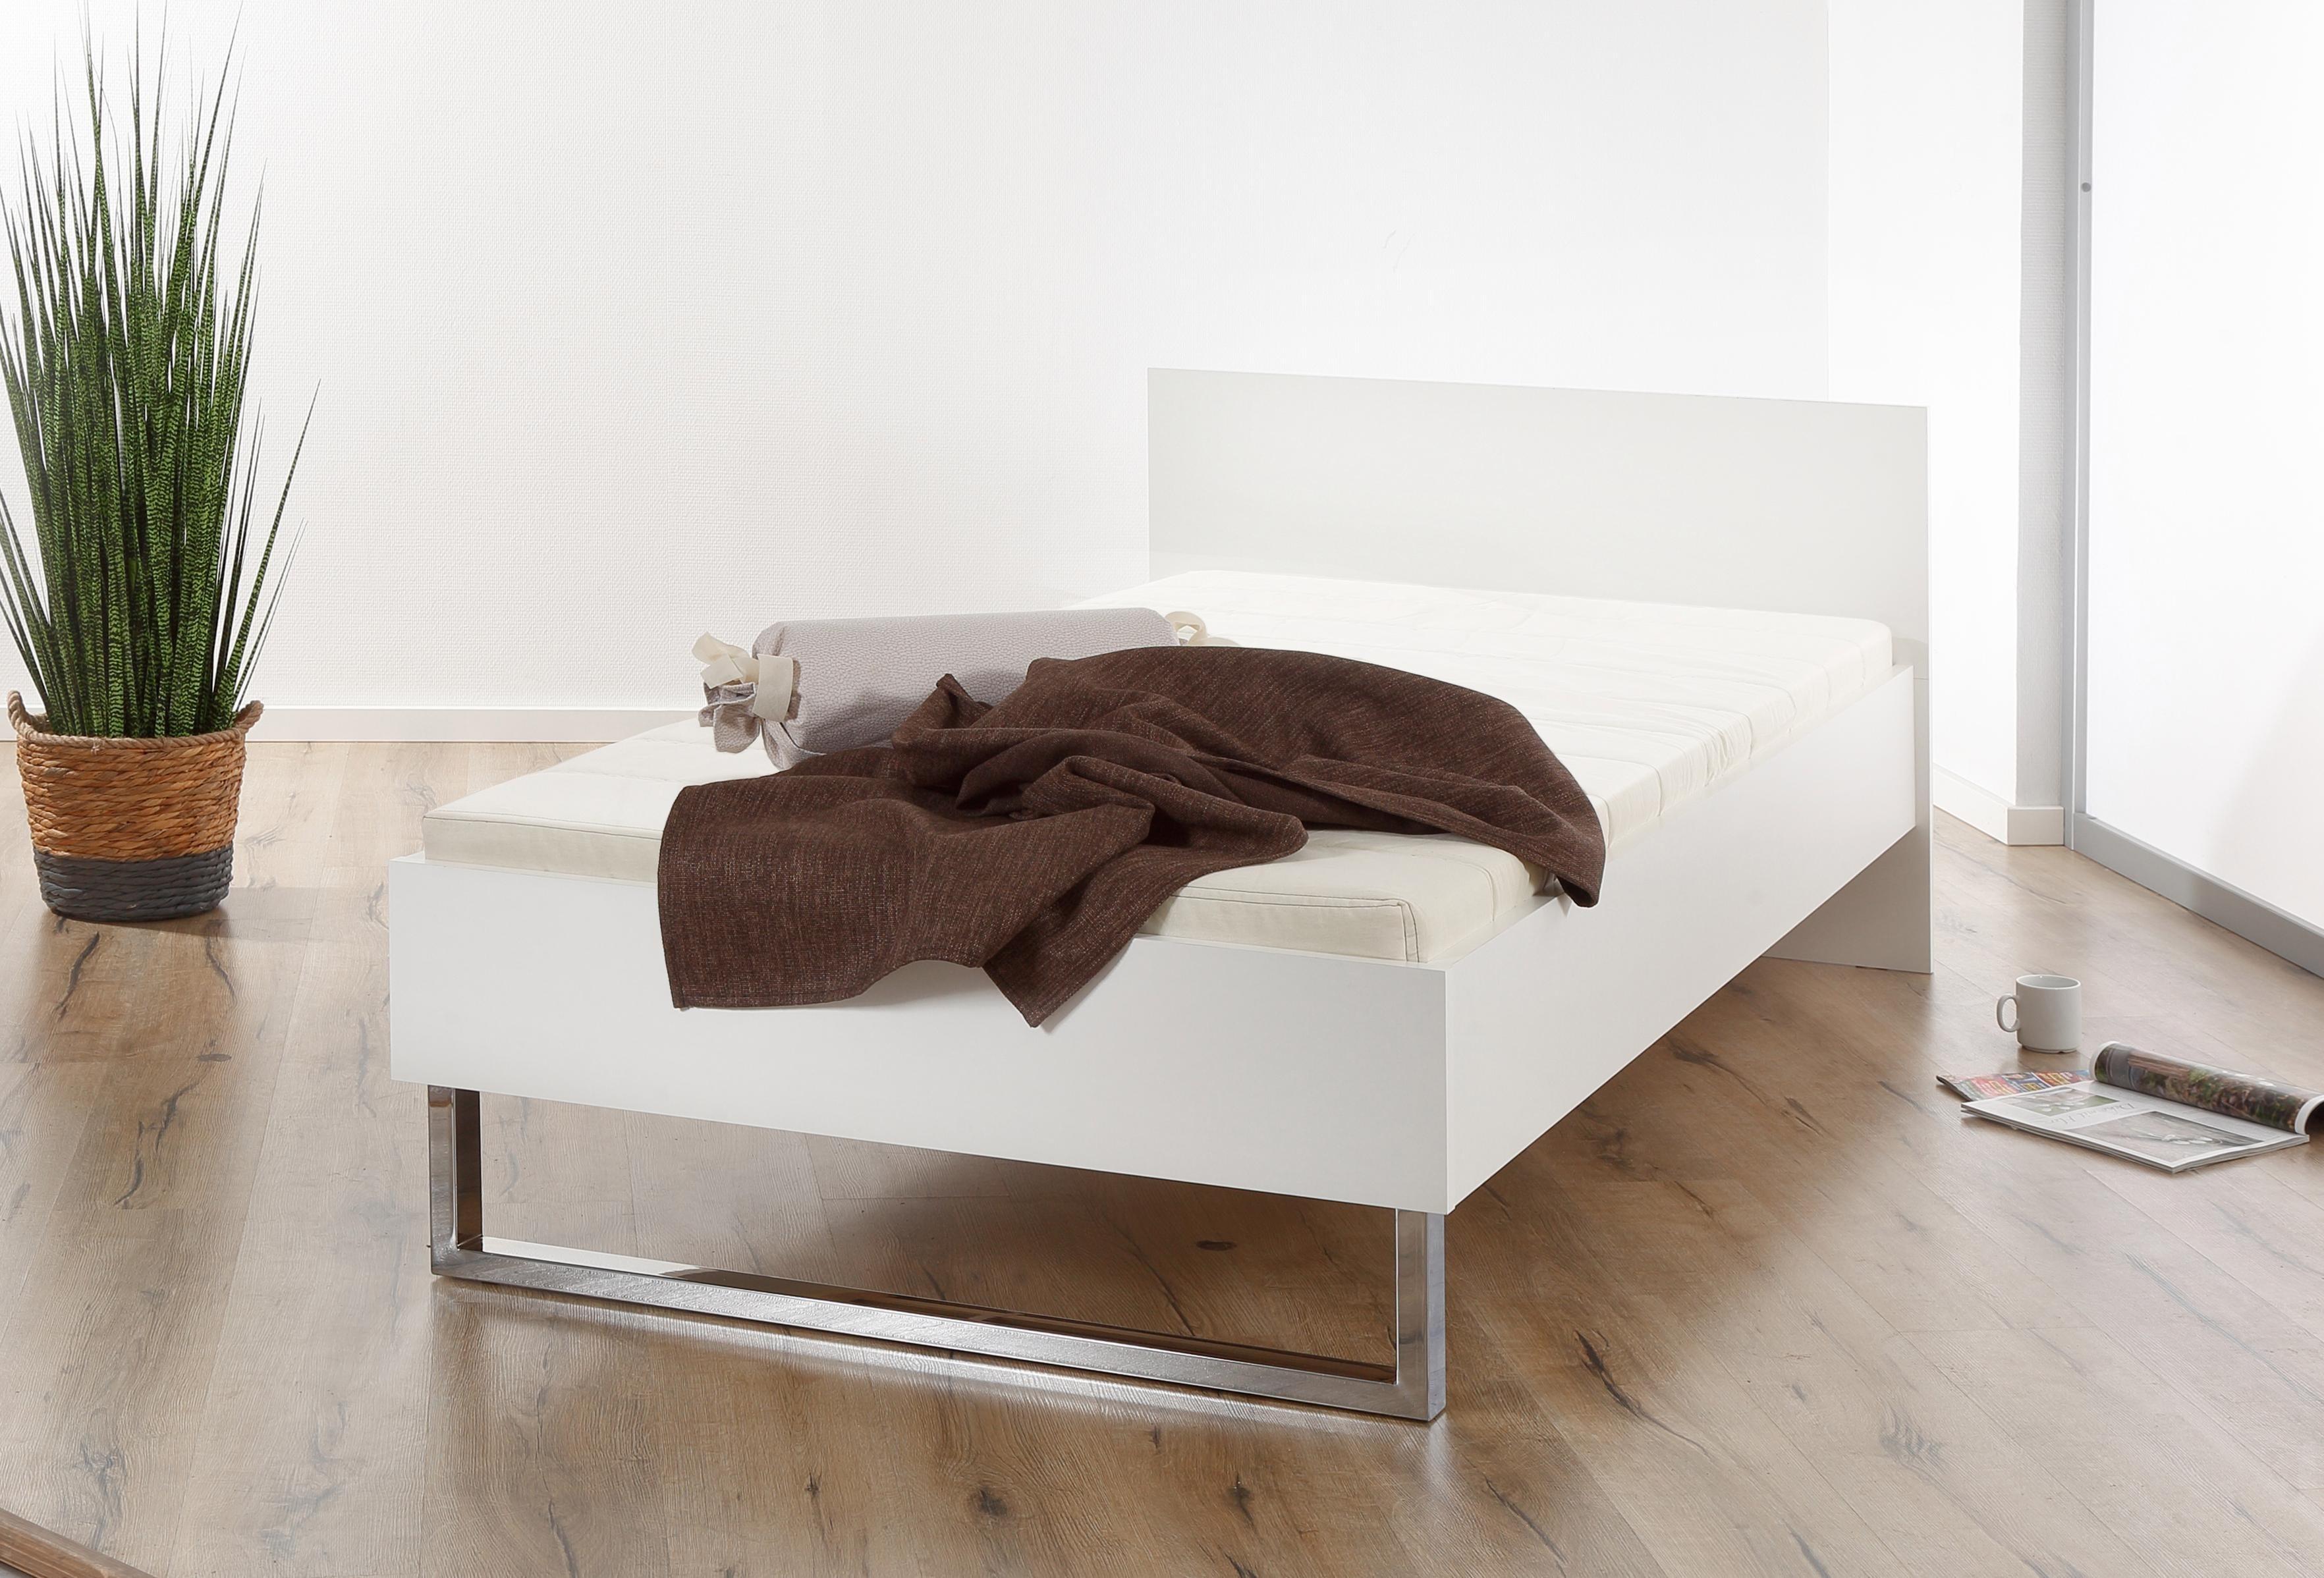 Breckle Futonbett | Schlafzimmer > Betten > Futonbetten | Breckle